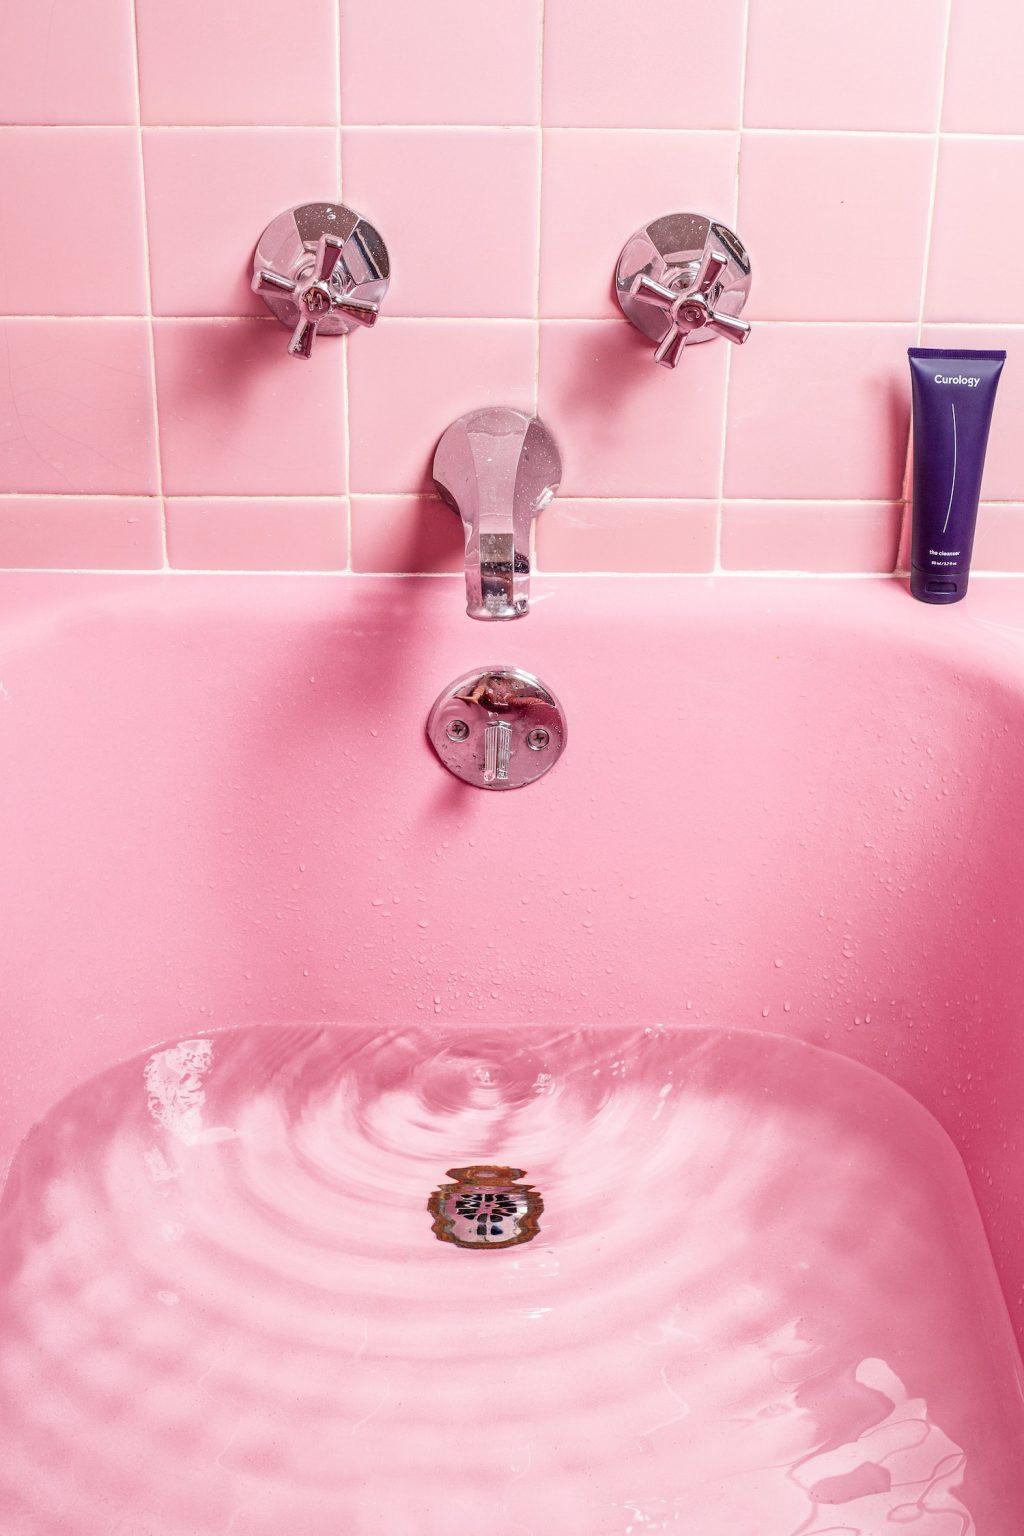 Corona-Bồn nước rửa tay màu hồng.